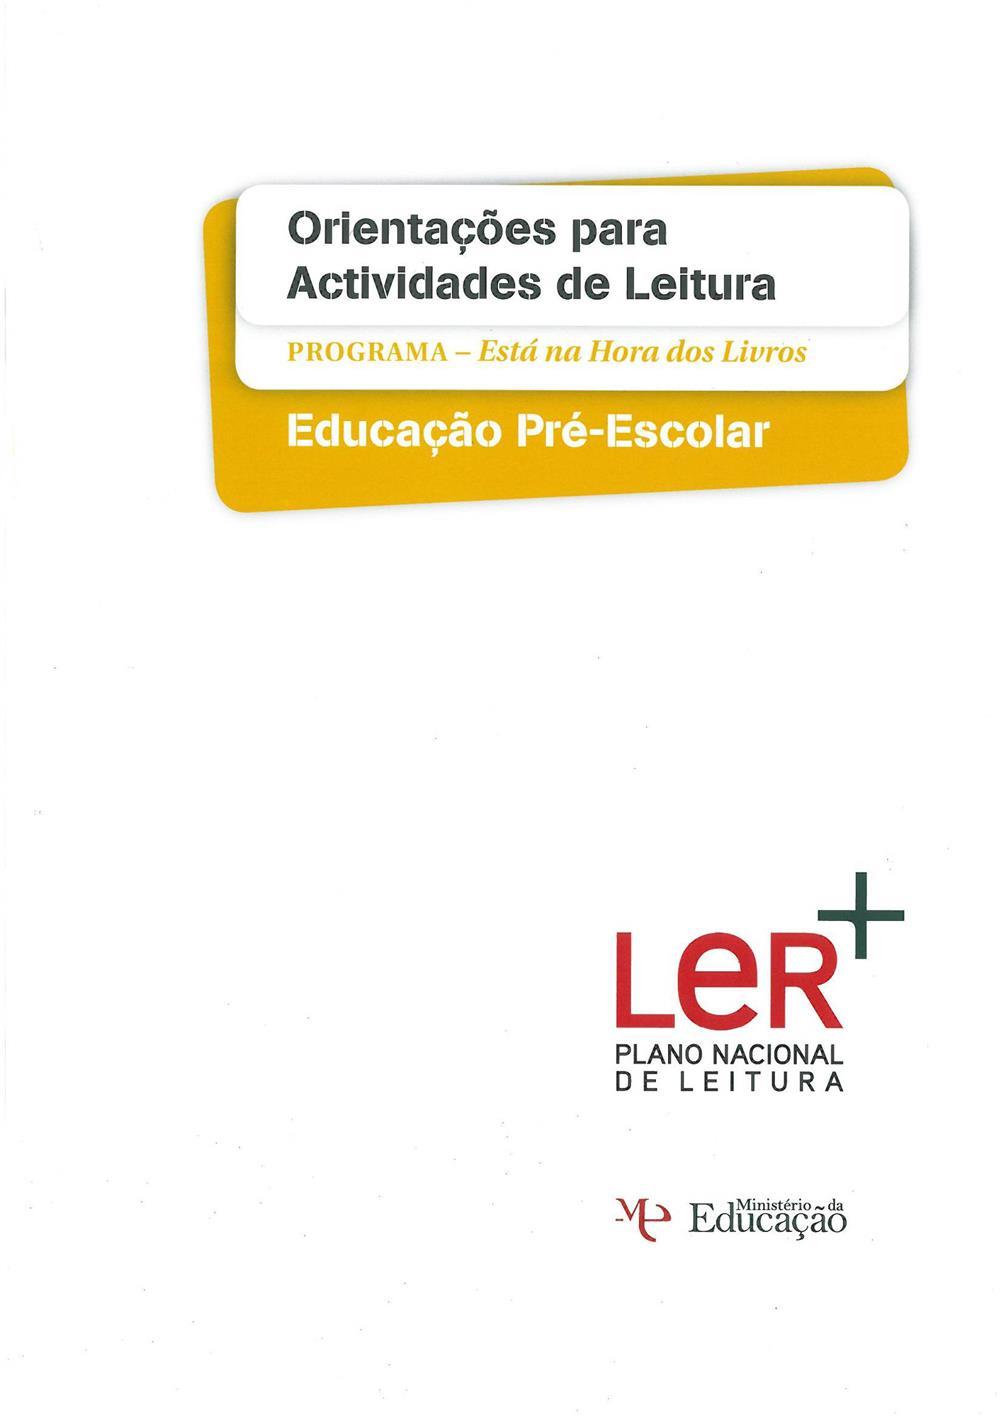 Orientações para actividades de leitura_pré-escolar.jpg